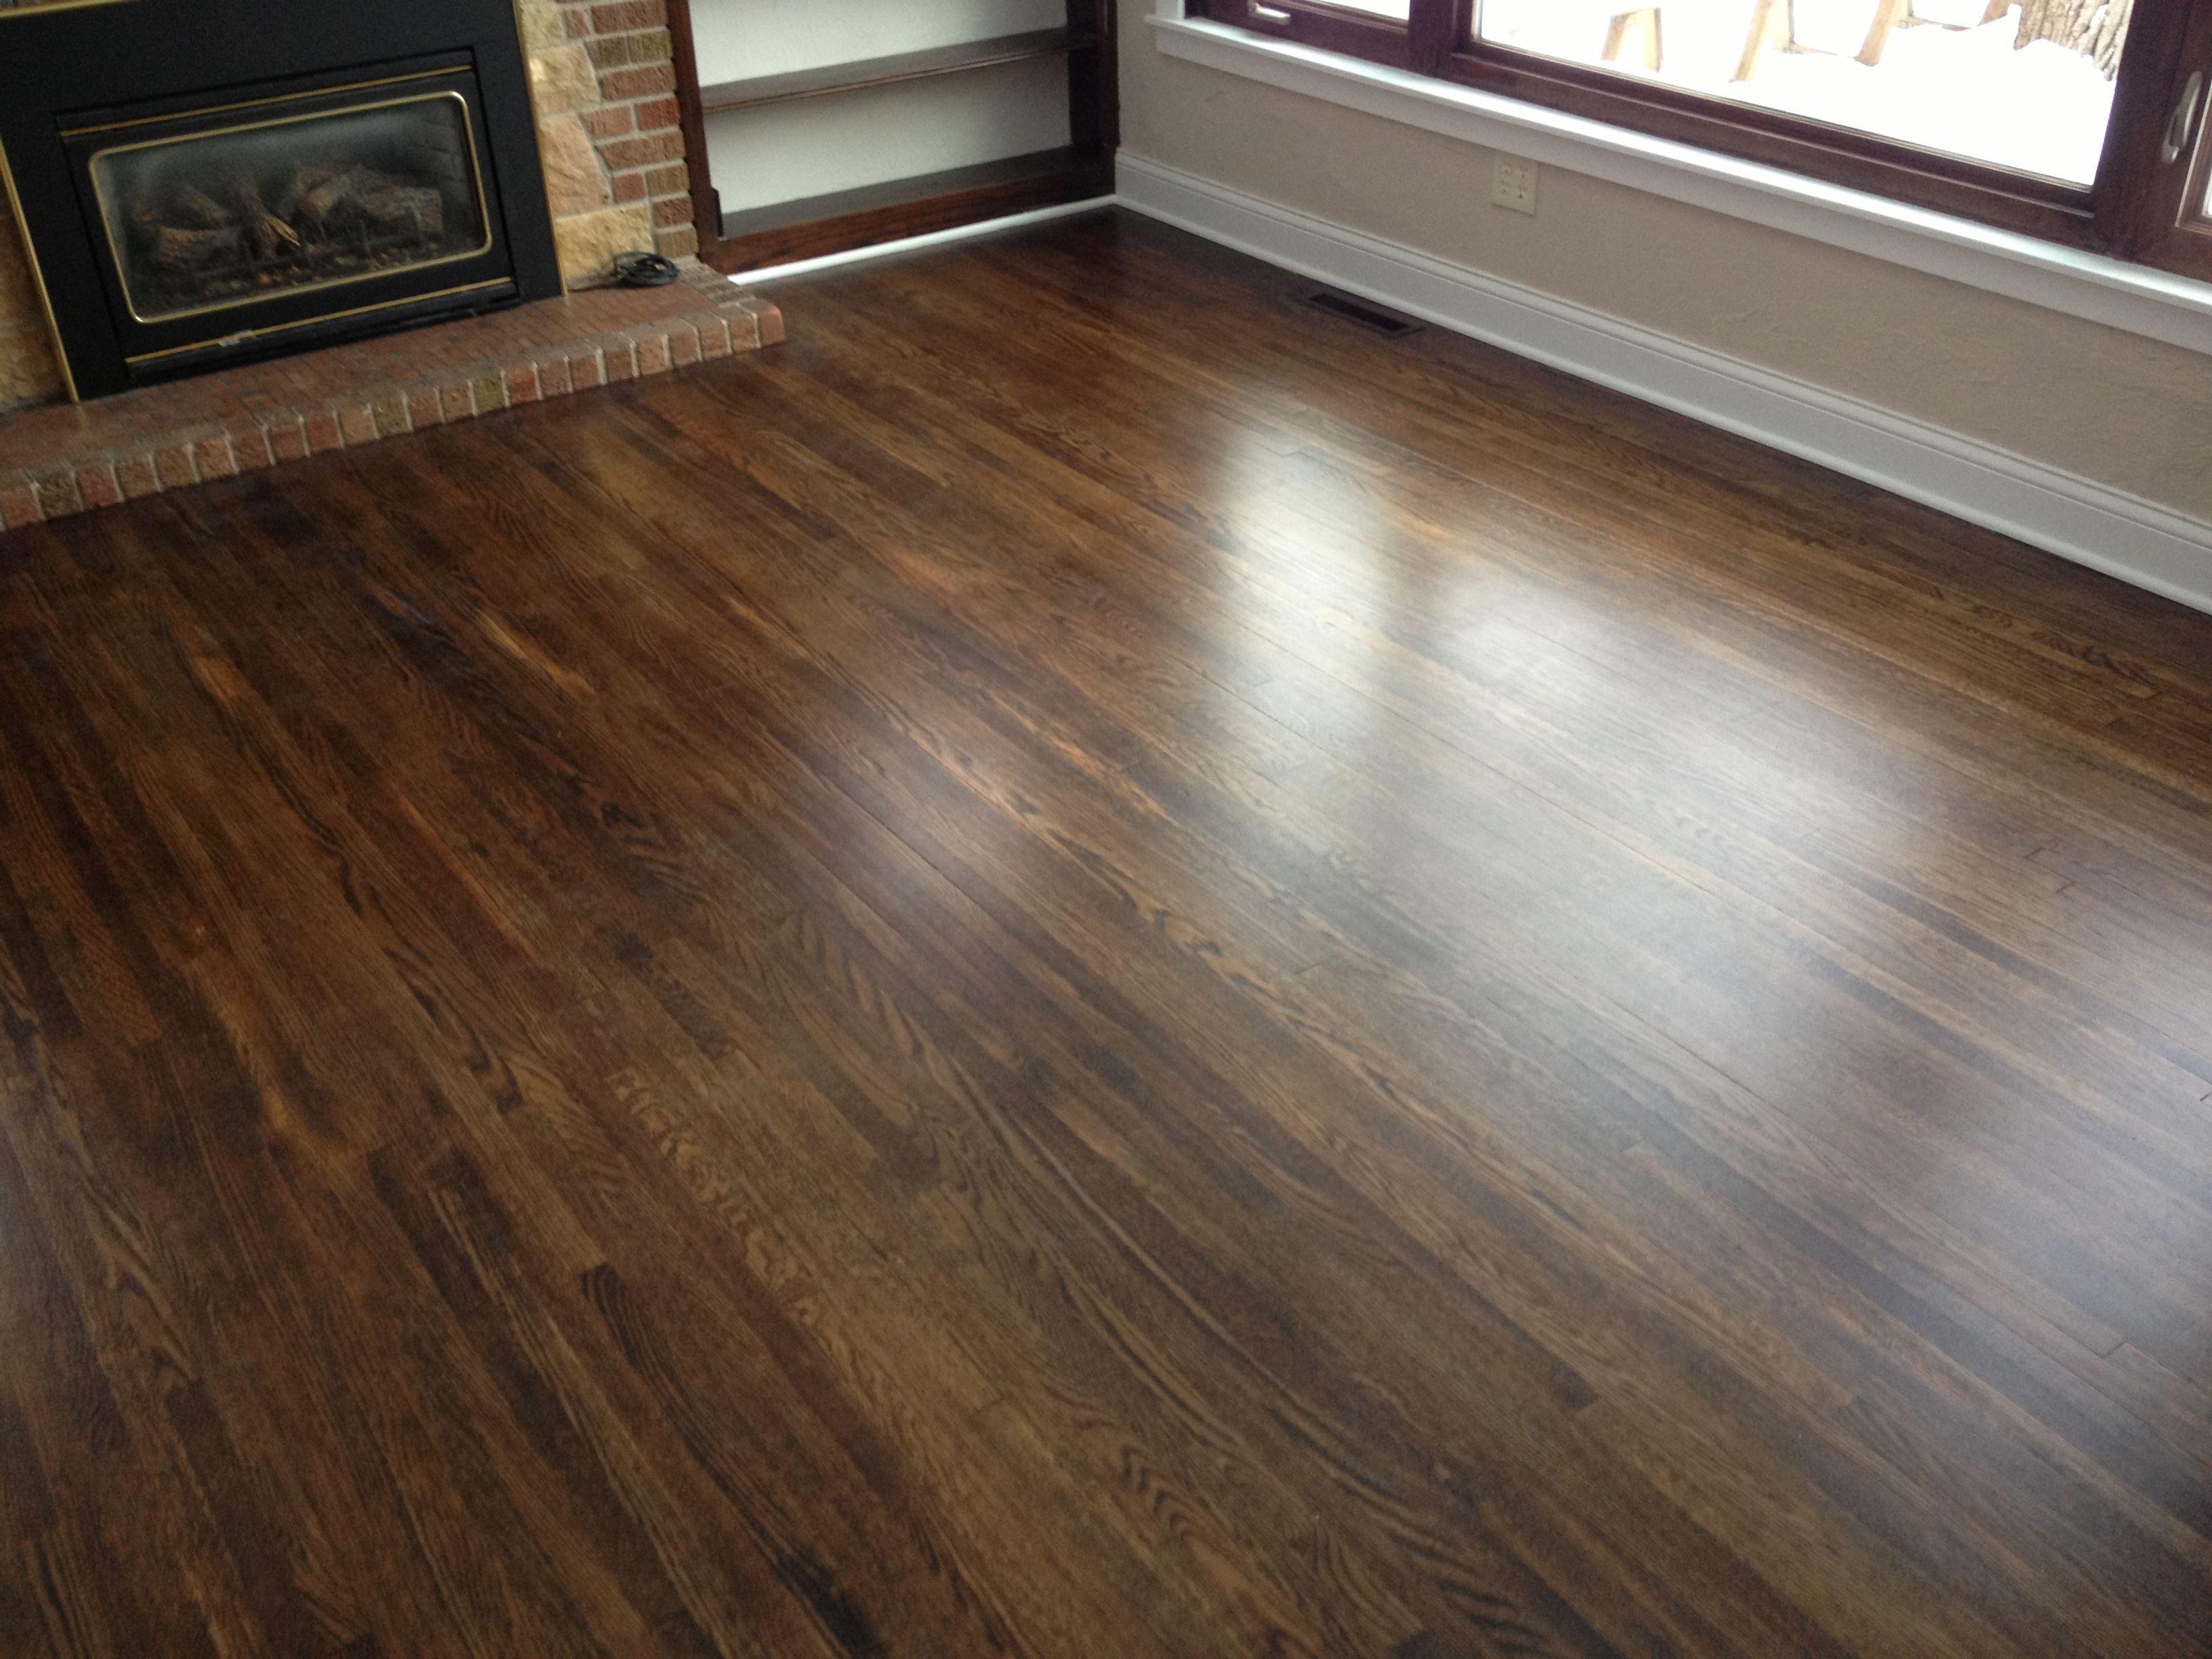 Staining Hardwood Floors Darker